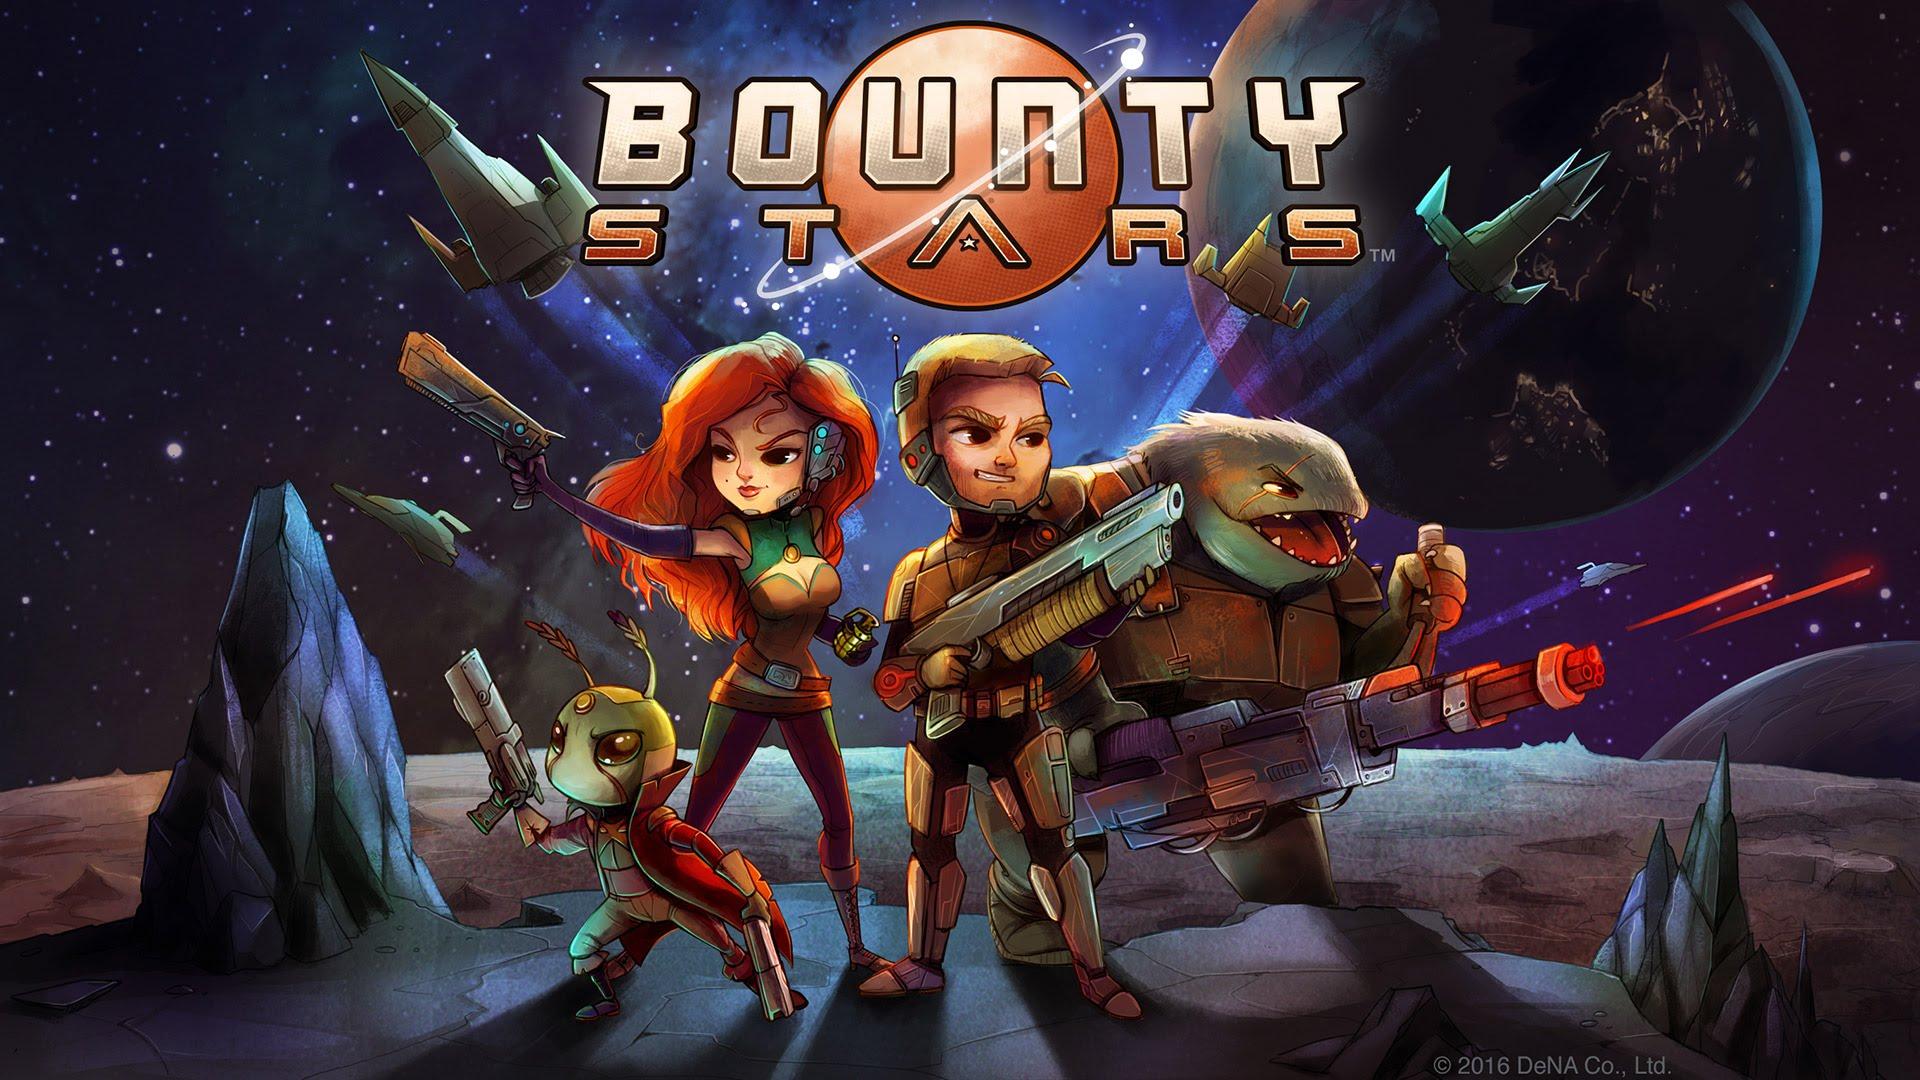 bounty stars - Tổng hợp 5 game hay miễn phí trên di động ngày 14.10